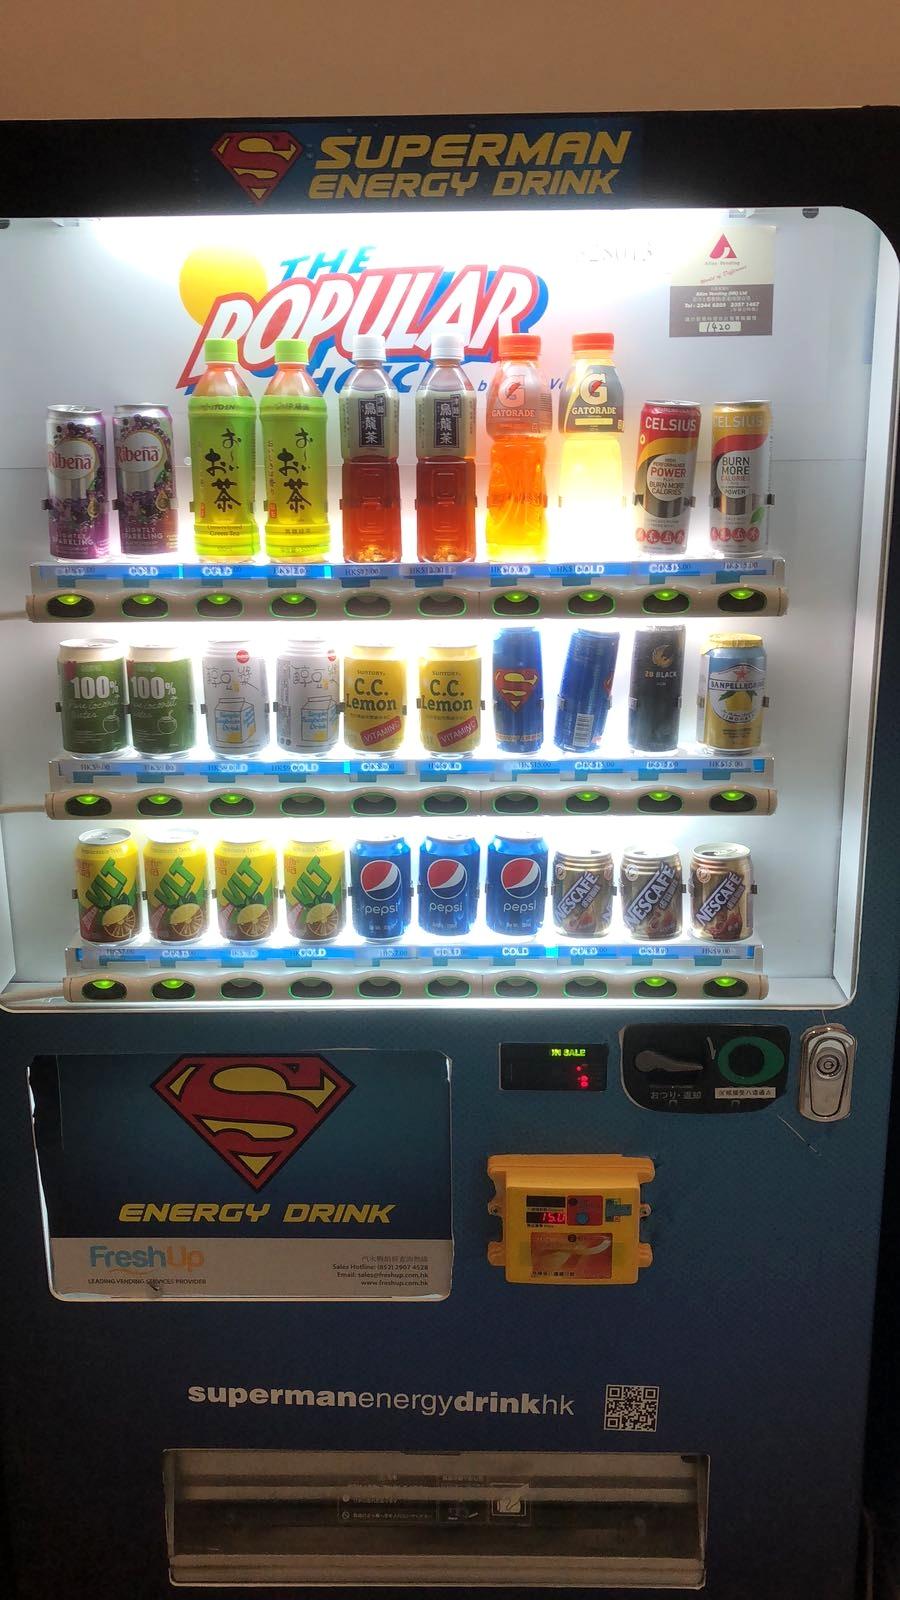 FreshUp,自動售賣機,自動販賣機,零食,飲品,方便,快捷,智能,投資銀行,辦公室,寫字樓,匯豐銀行